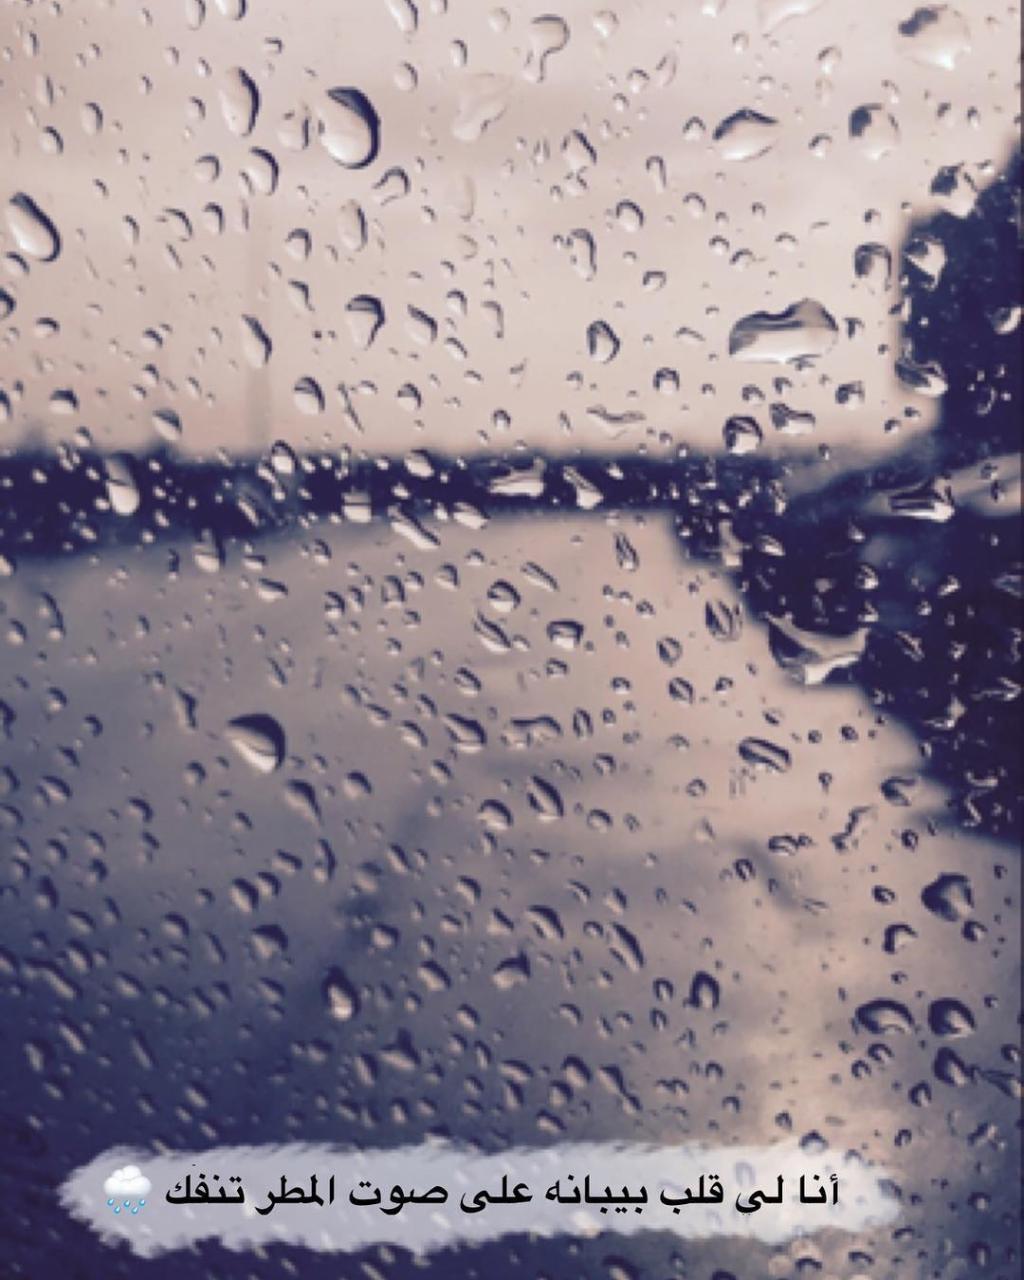 صورة اجمل العبارات المذهلة , عبارات عن المطر